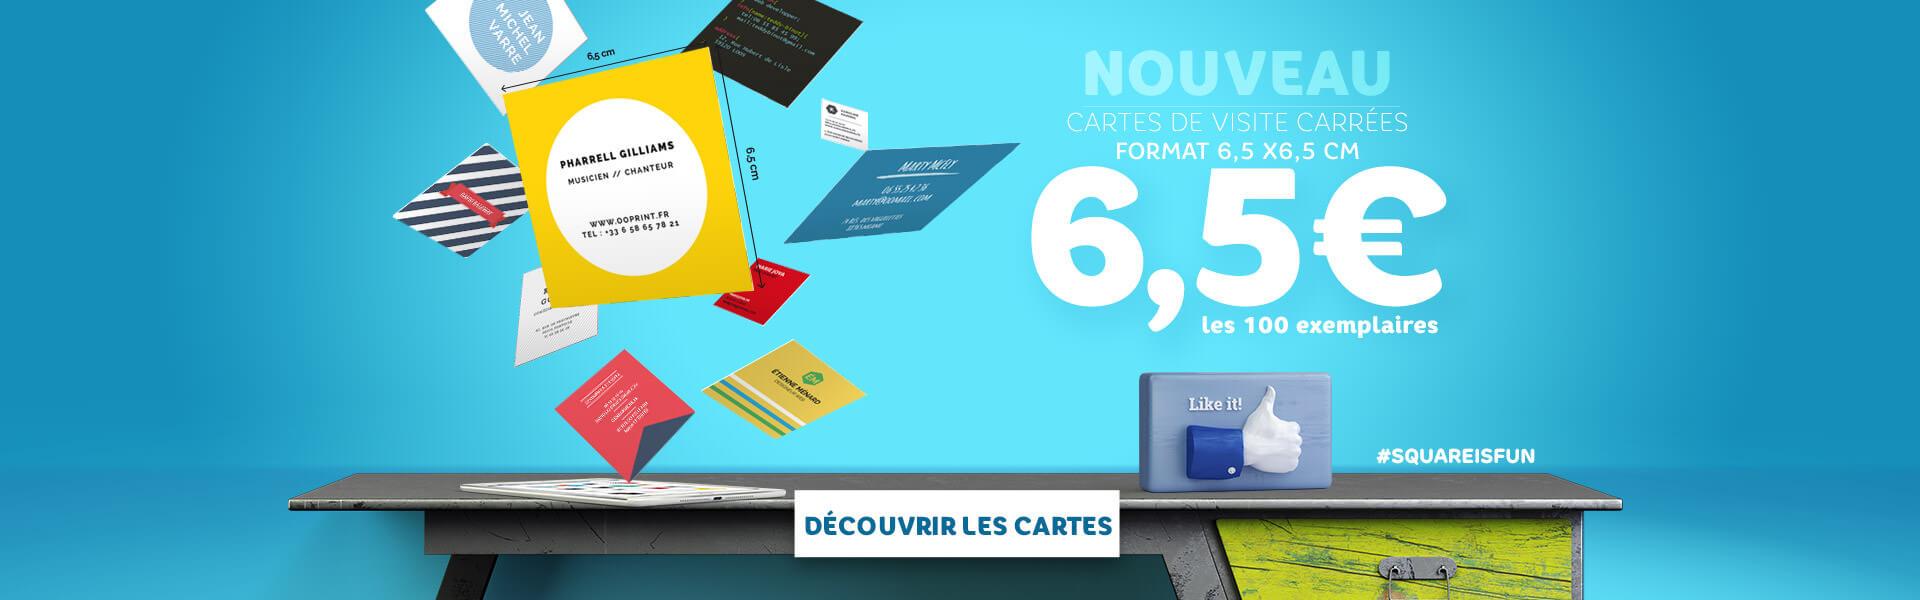 Nouveau : découvrez les cartes carrées SquareIsFun à 6,5 euros les 100 ex